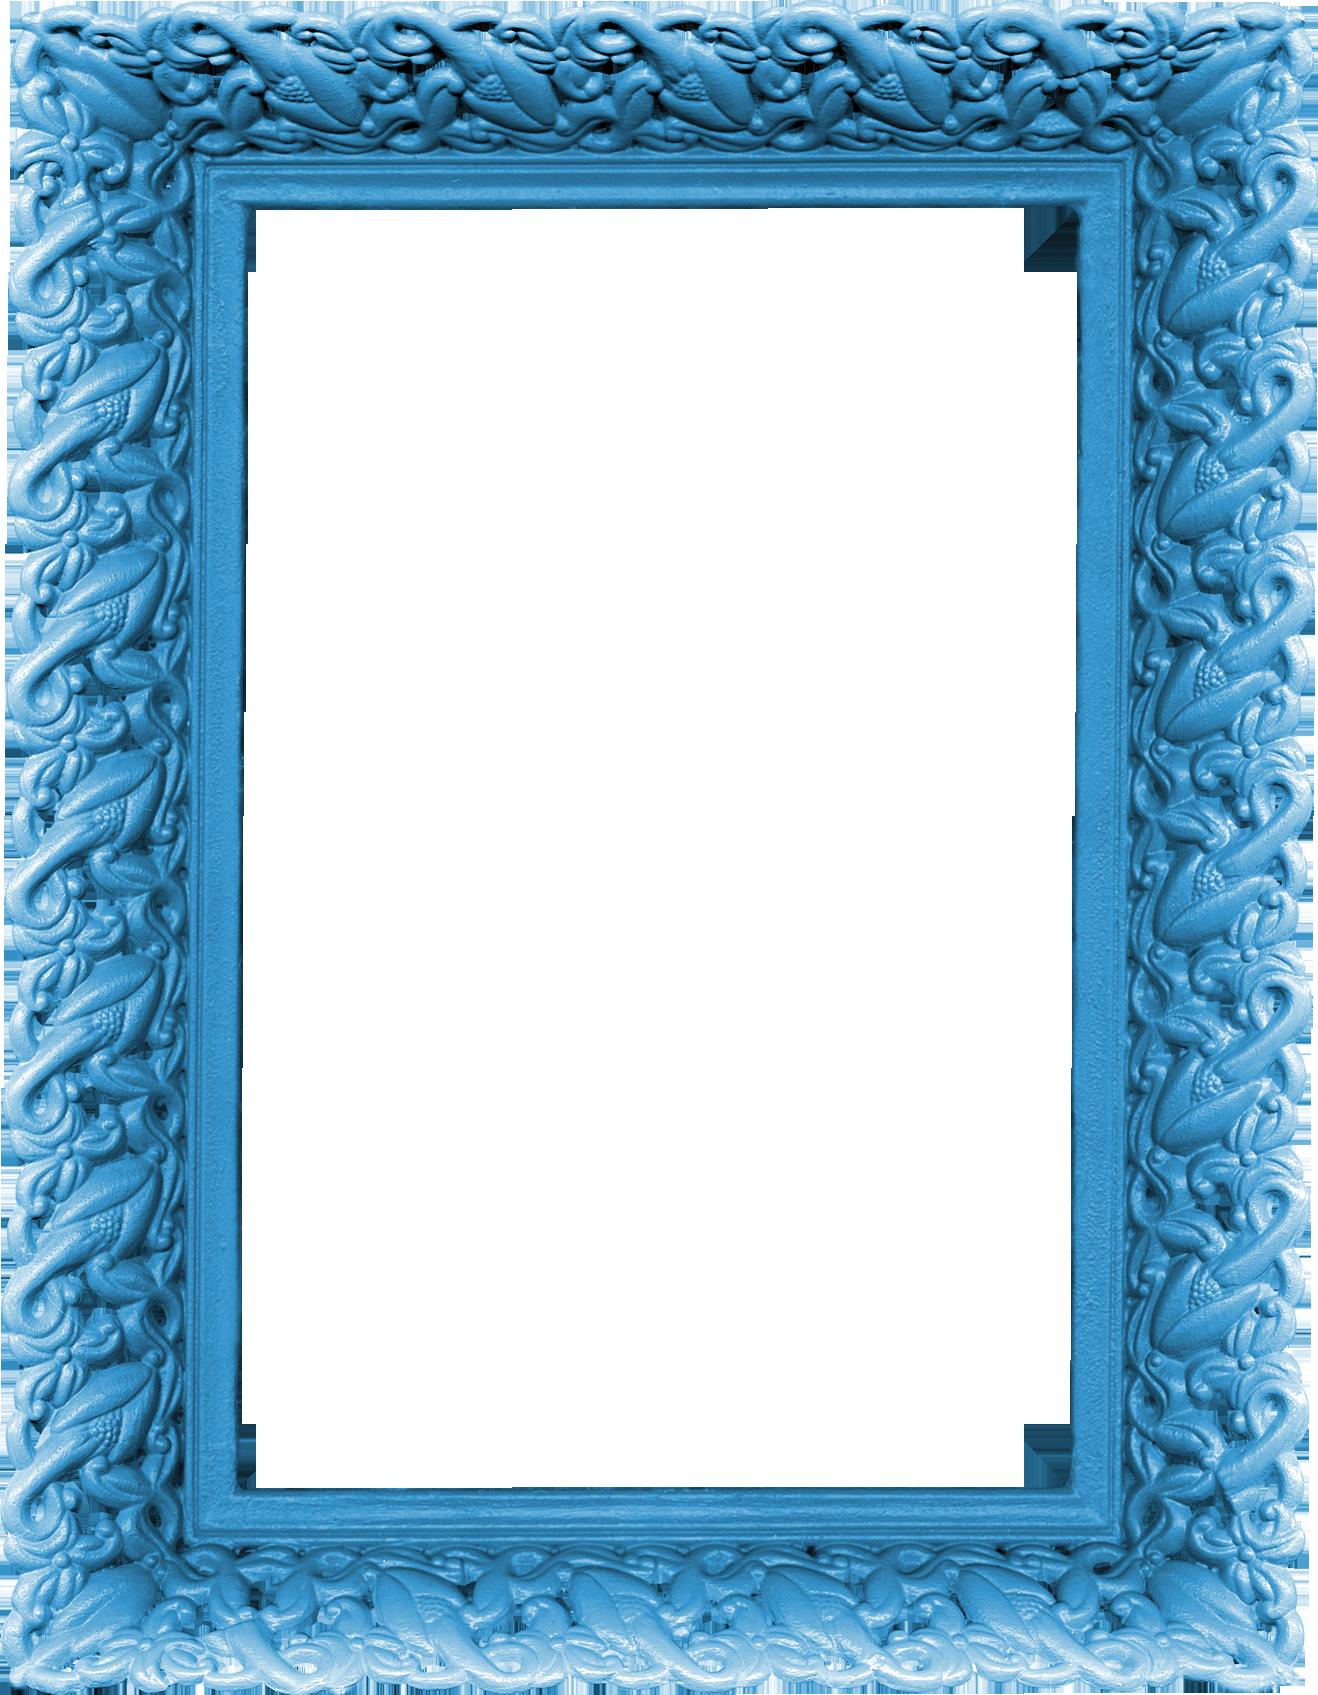 Картинки фоторамок на прозрачном фоне